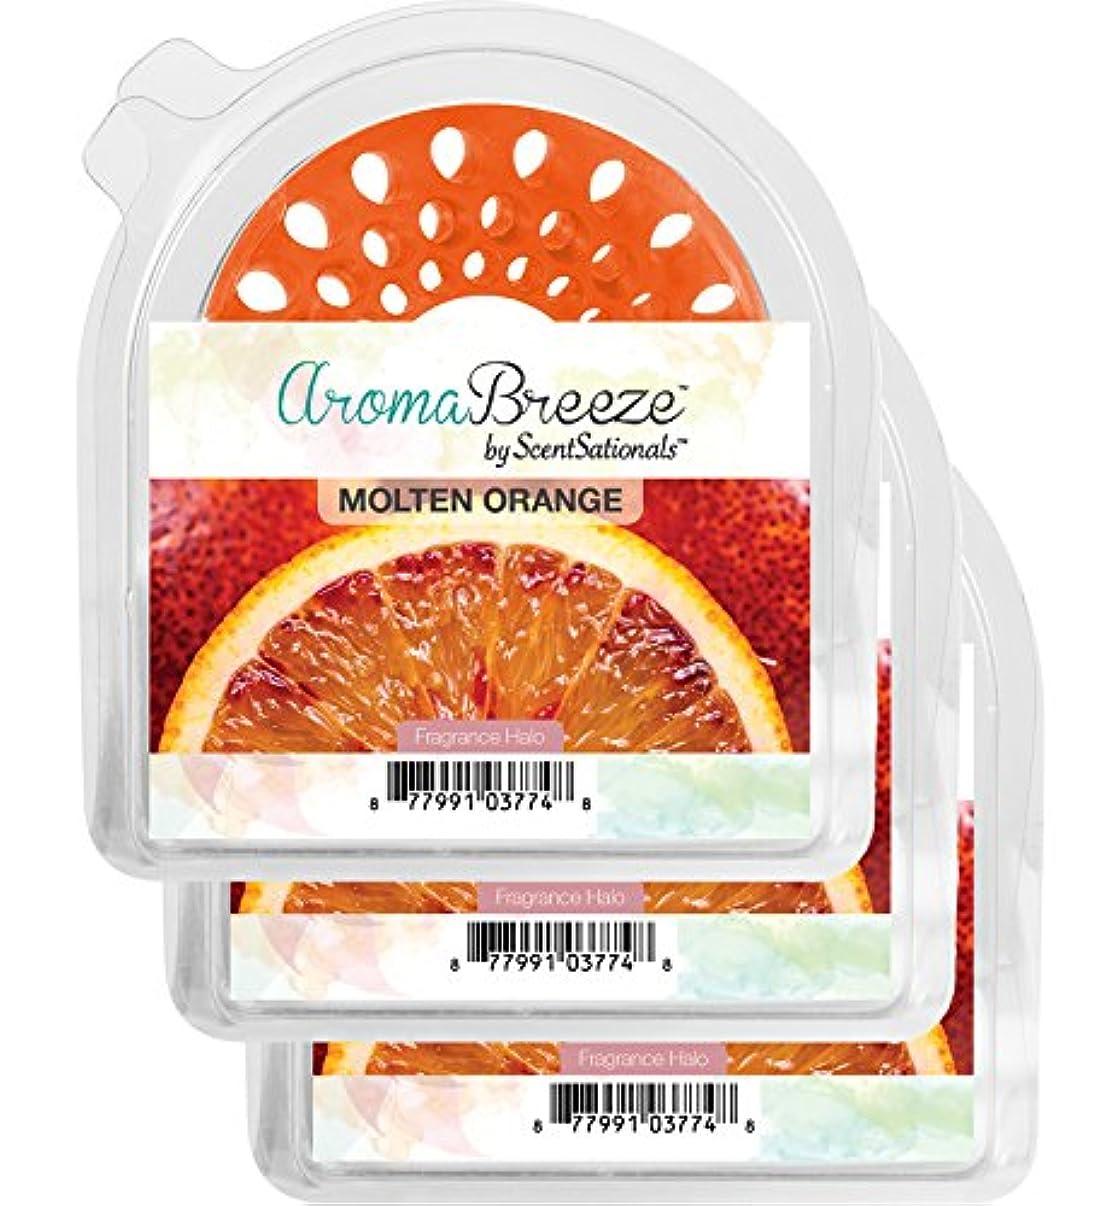 ピボットできるフローZen Aroma Breeze 香り付きヘイロー 3個パック - 無炎の香り付きキャンドルの交換用 - ご自宅の香りコレクションに加えるのに最適 オレンジ 021-017-40017